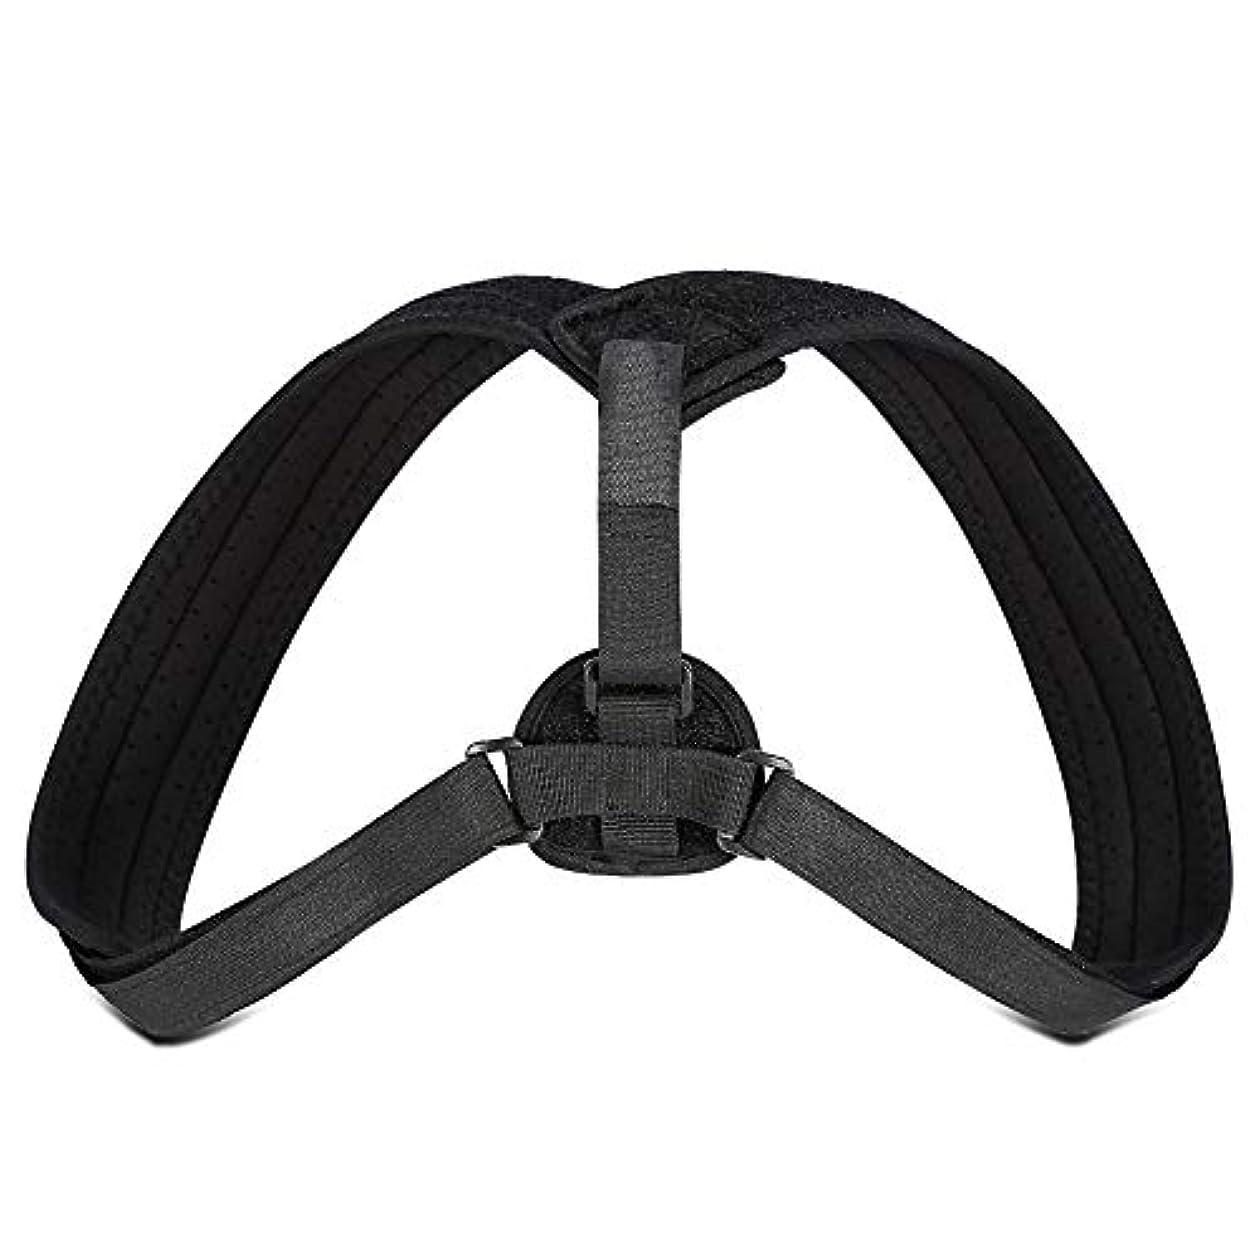 ブローホール空の提案するYosoo Posture Corrector - ブレースアッパーバックネックショルダーサポートアジャスタブルストラップ、肩の体位補正、整形外科用こぶの緩和のための包帯矯正、ティーン用